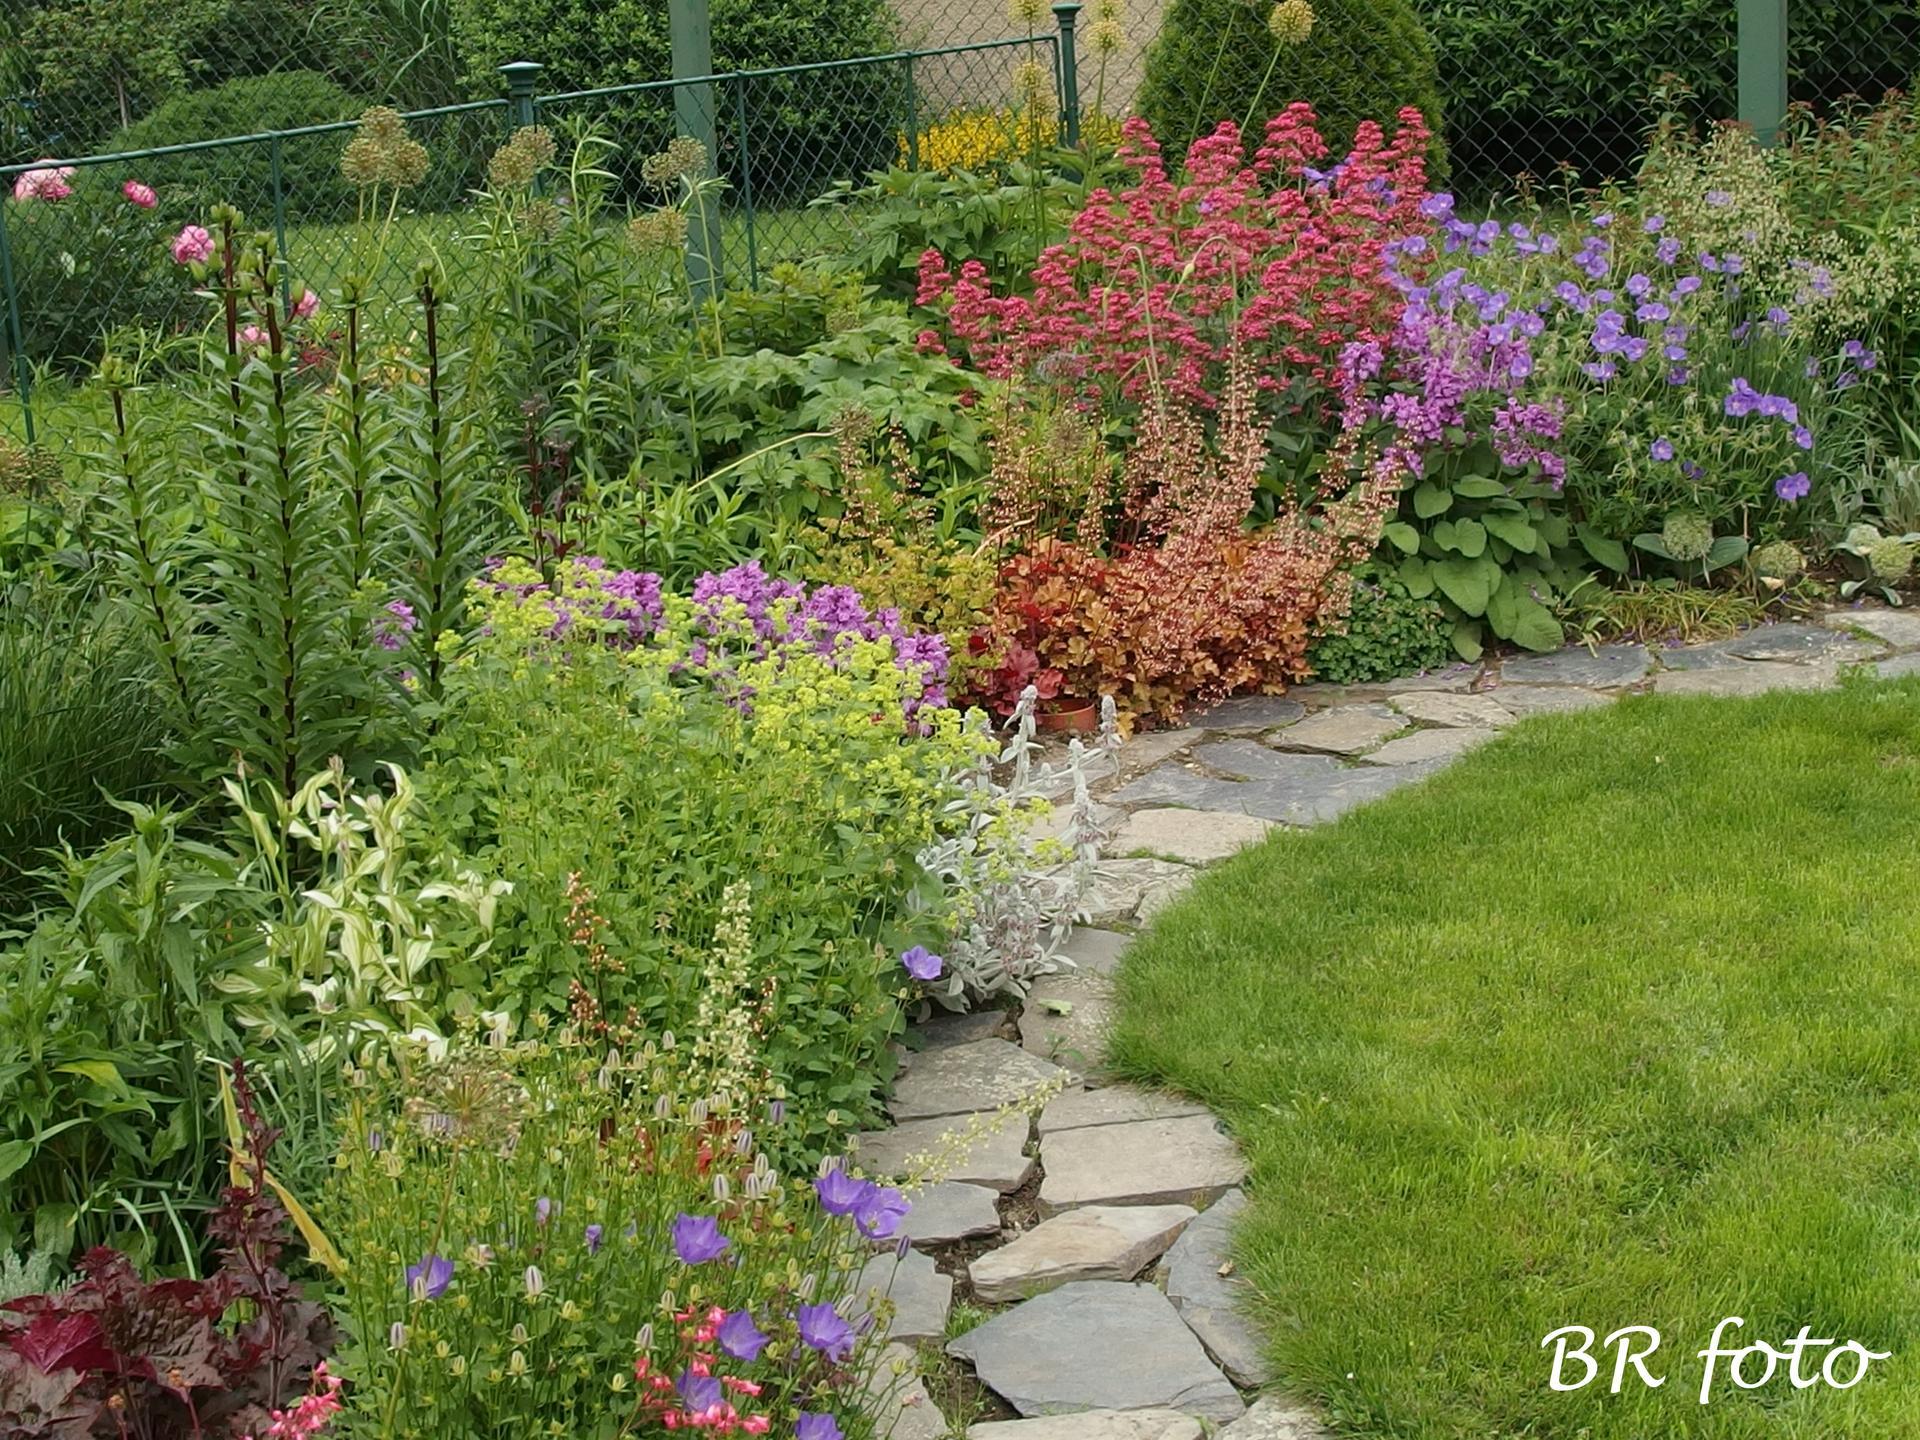 Zahrada v červnu - vše roste a kvete jako o život.... - pravá strana předzahrádky